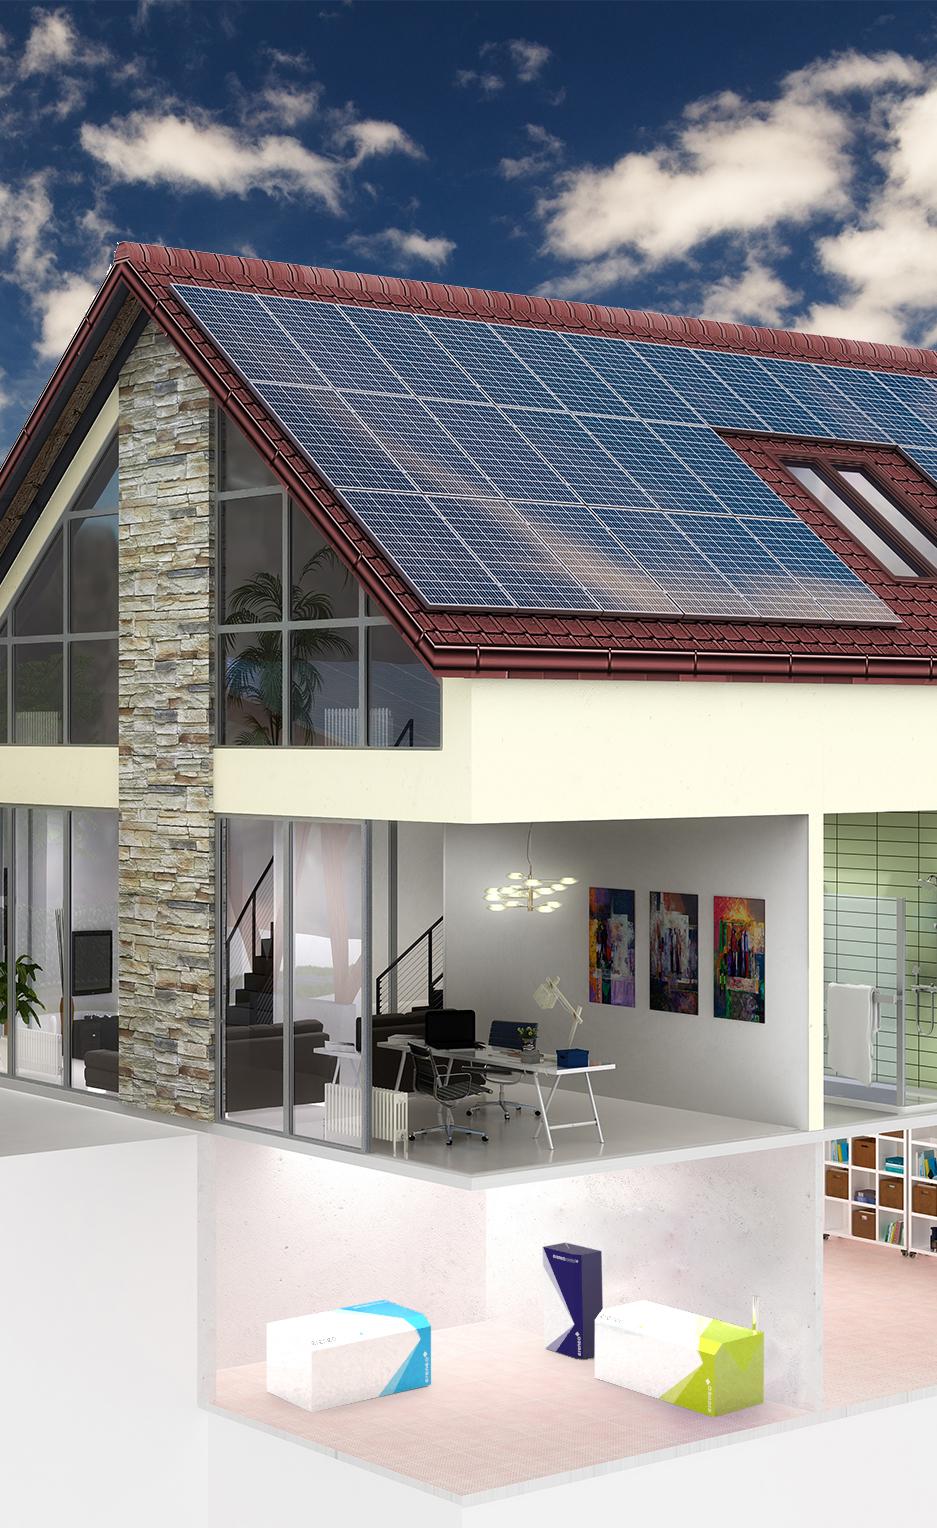 Haus mit ereneo hybrid